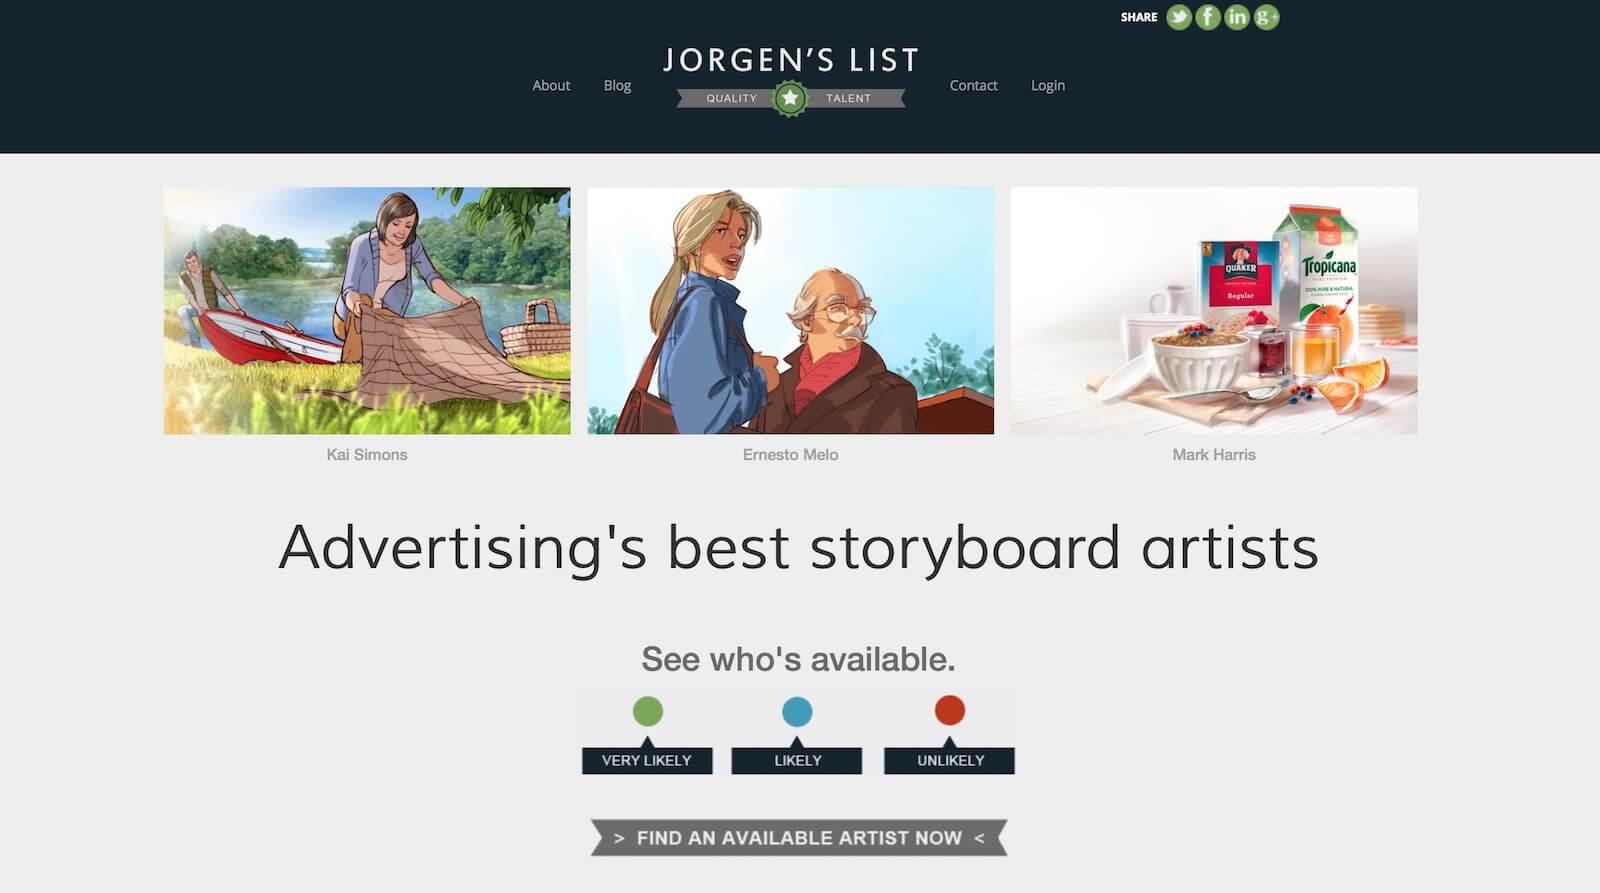 Storyboard Artist Websites - Jorgens List - StudioBinder